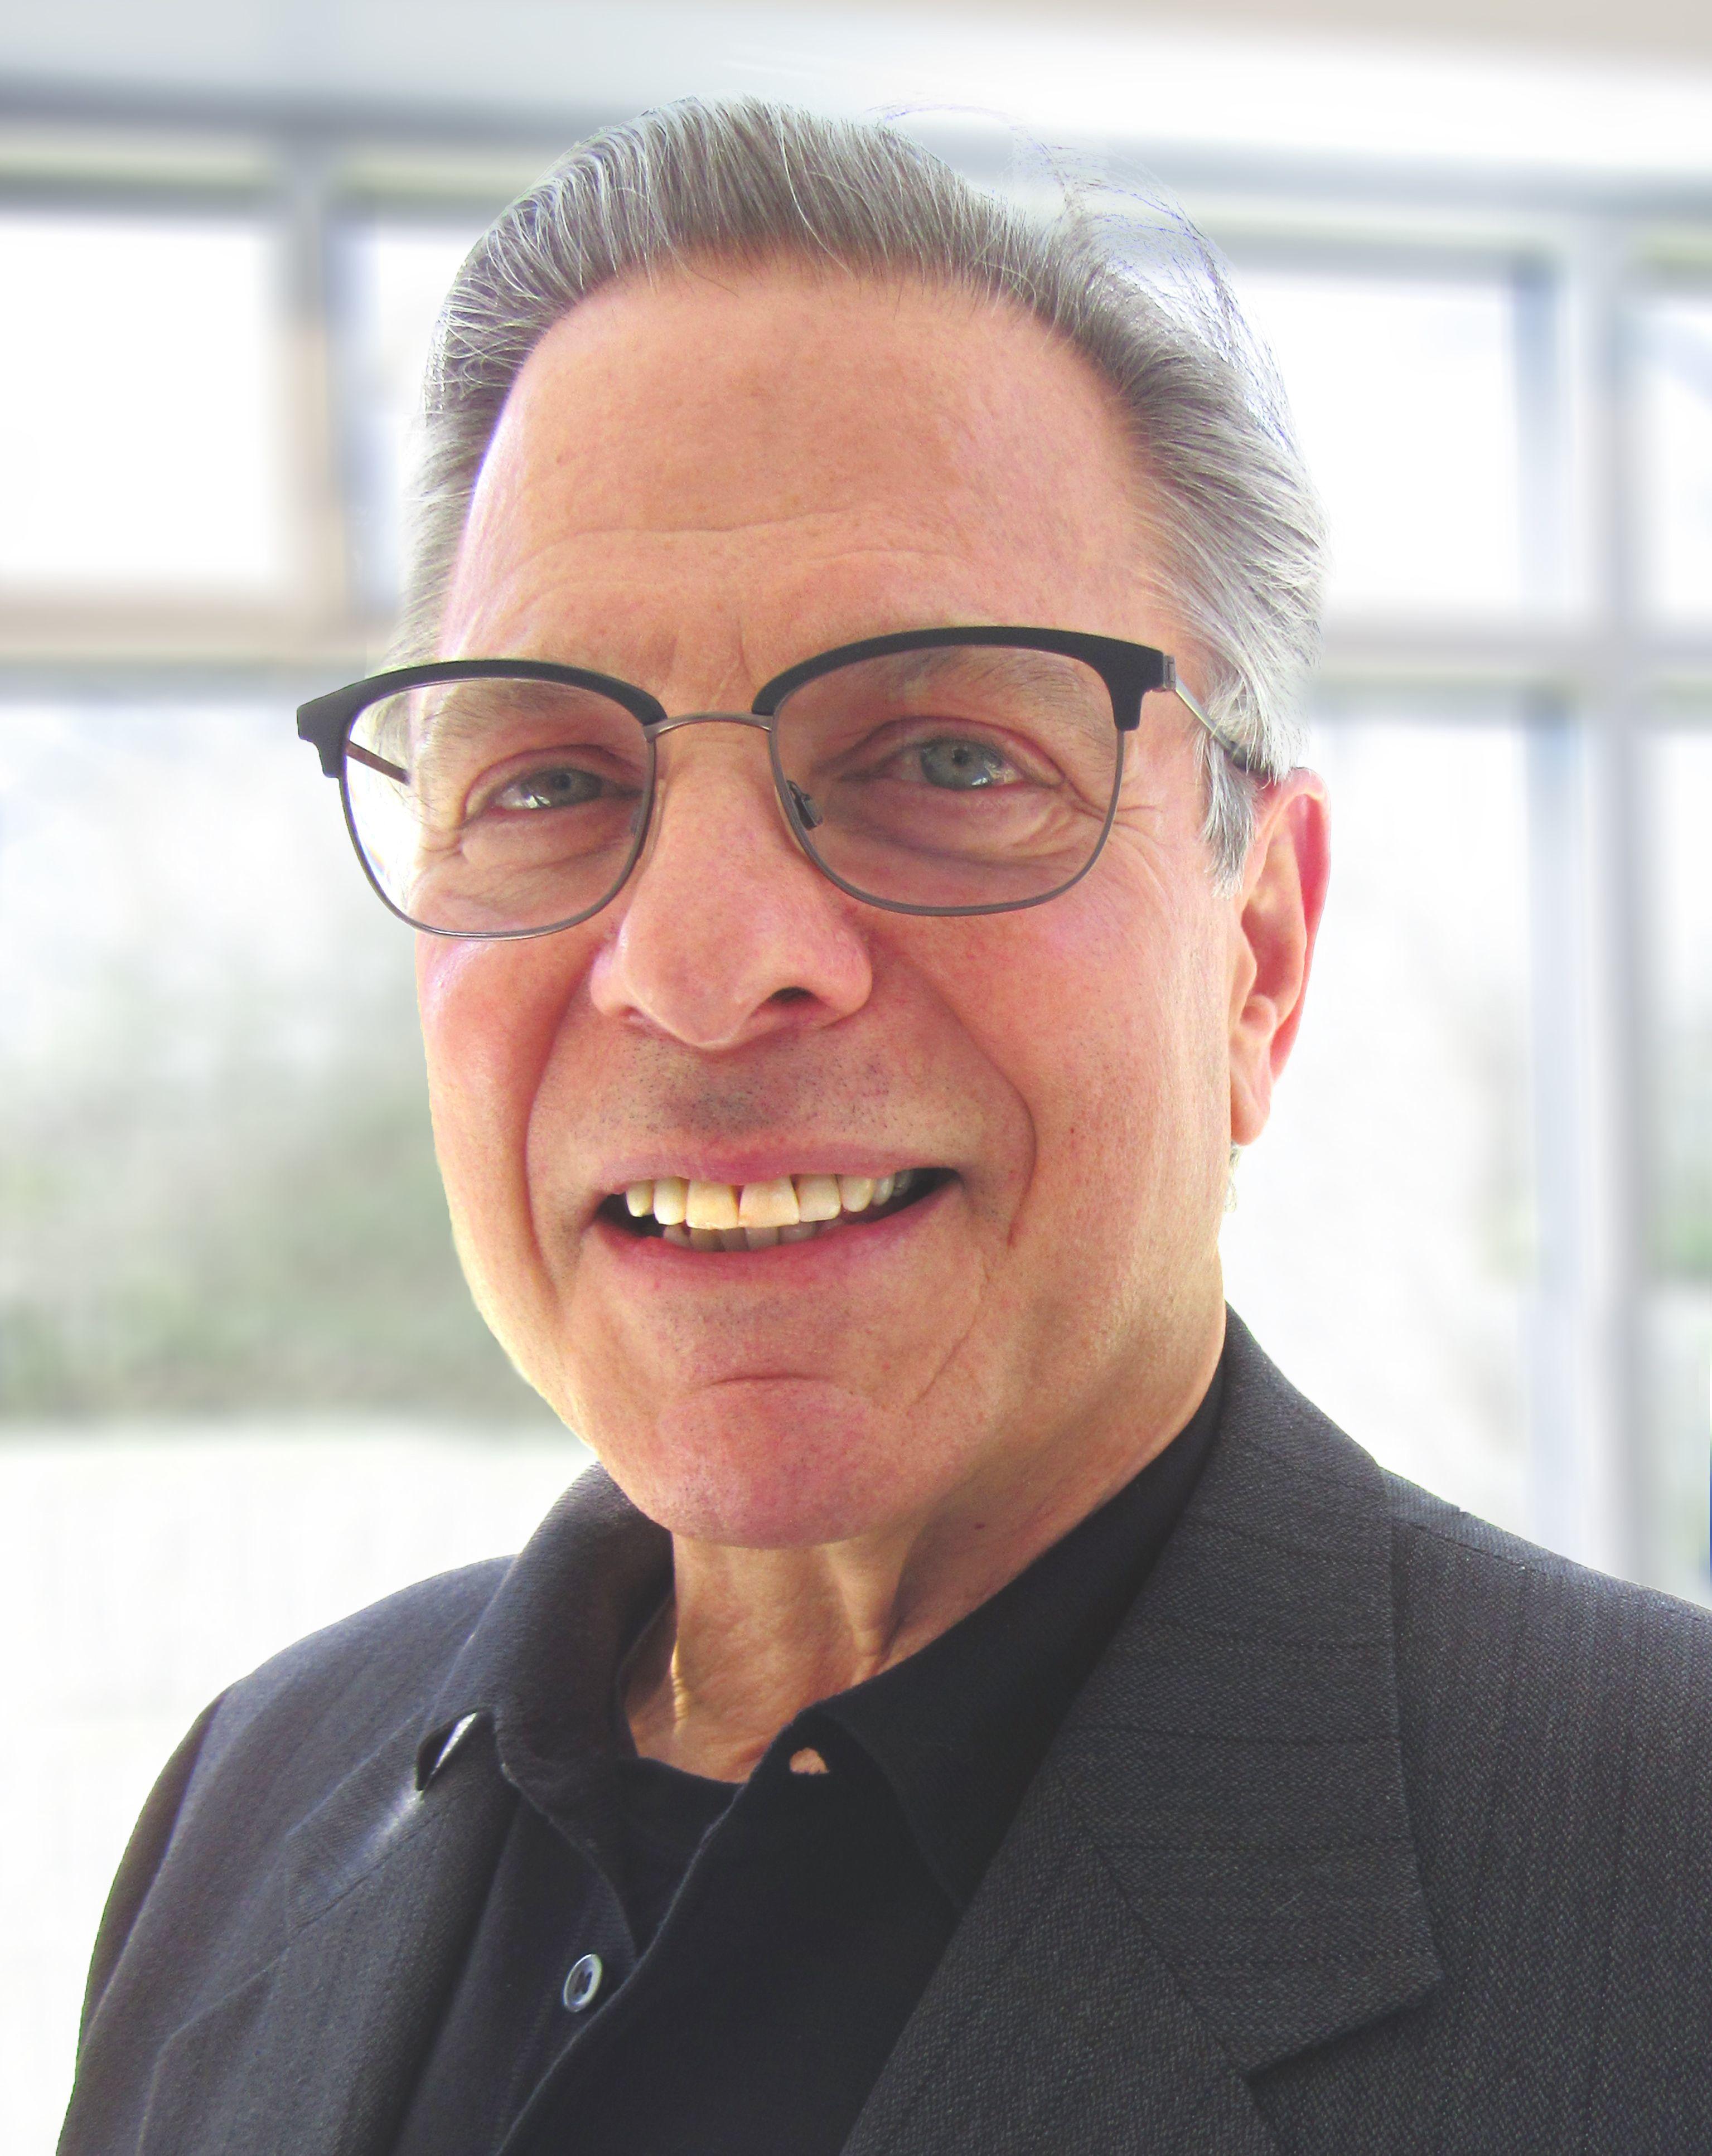 Moshe Kruger